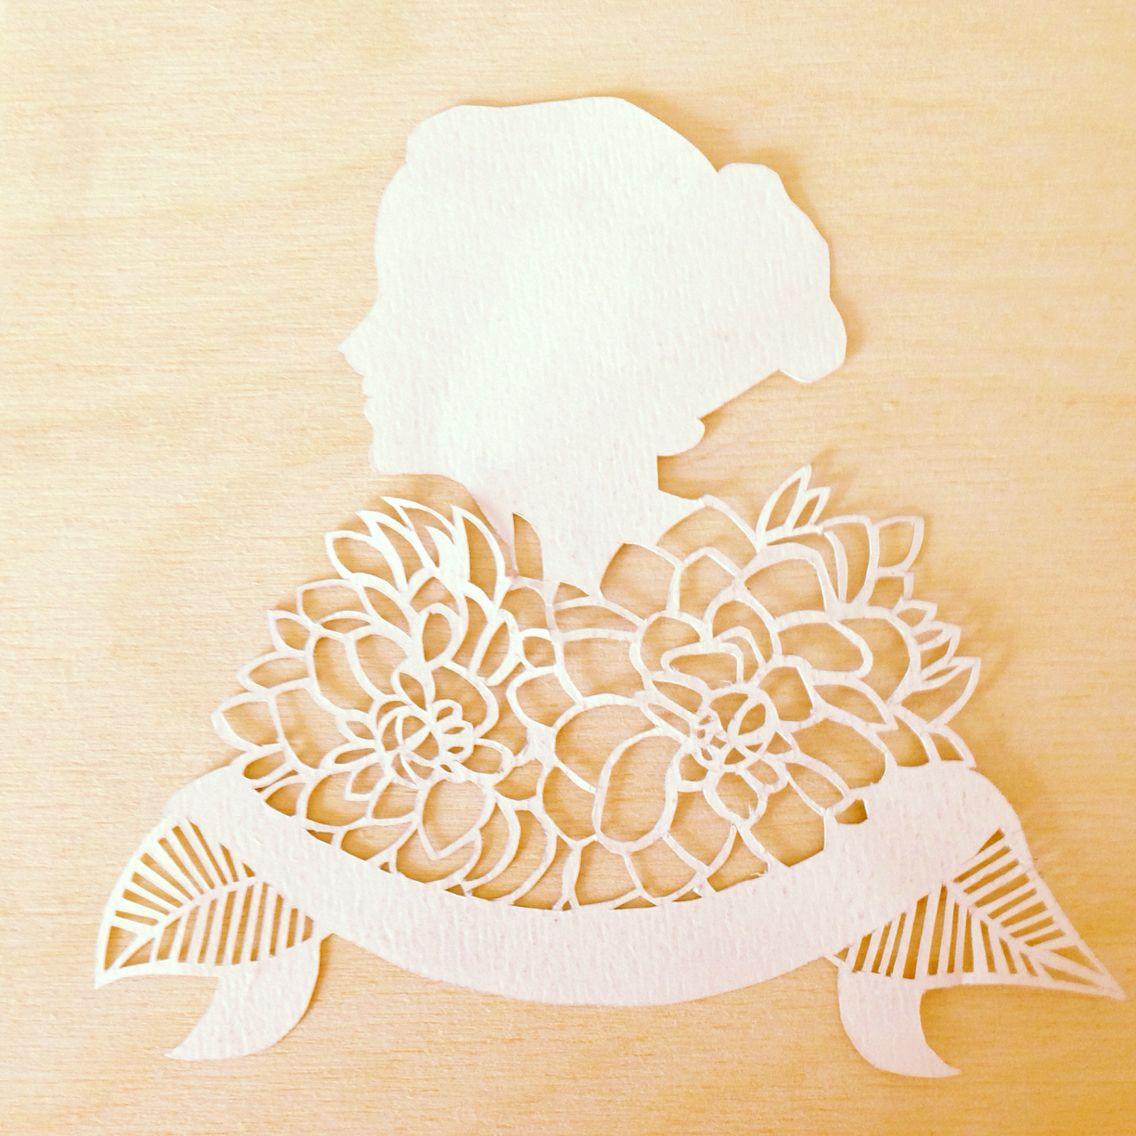 Little lady lady flowers papercutting zoe maire paper cutting little lady lady flowers papercutting mightylinksfo